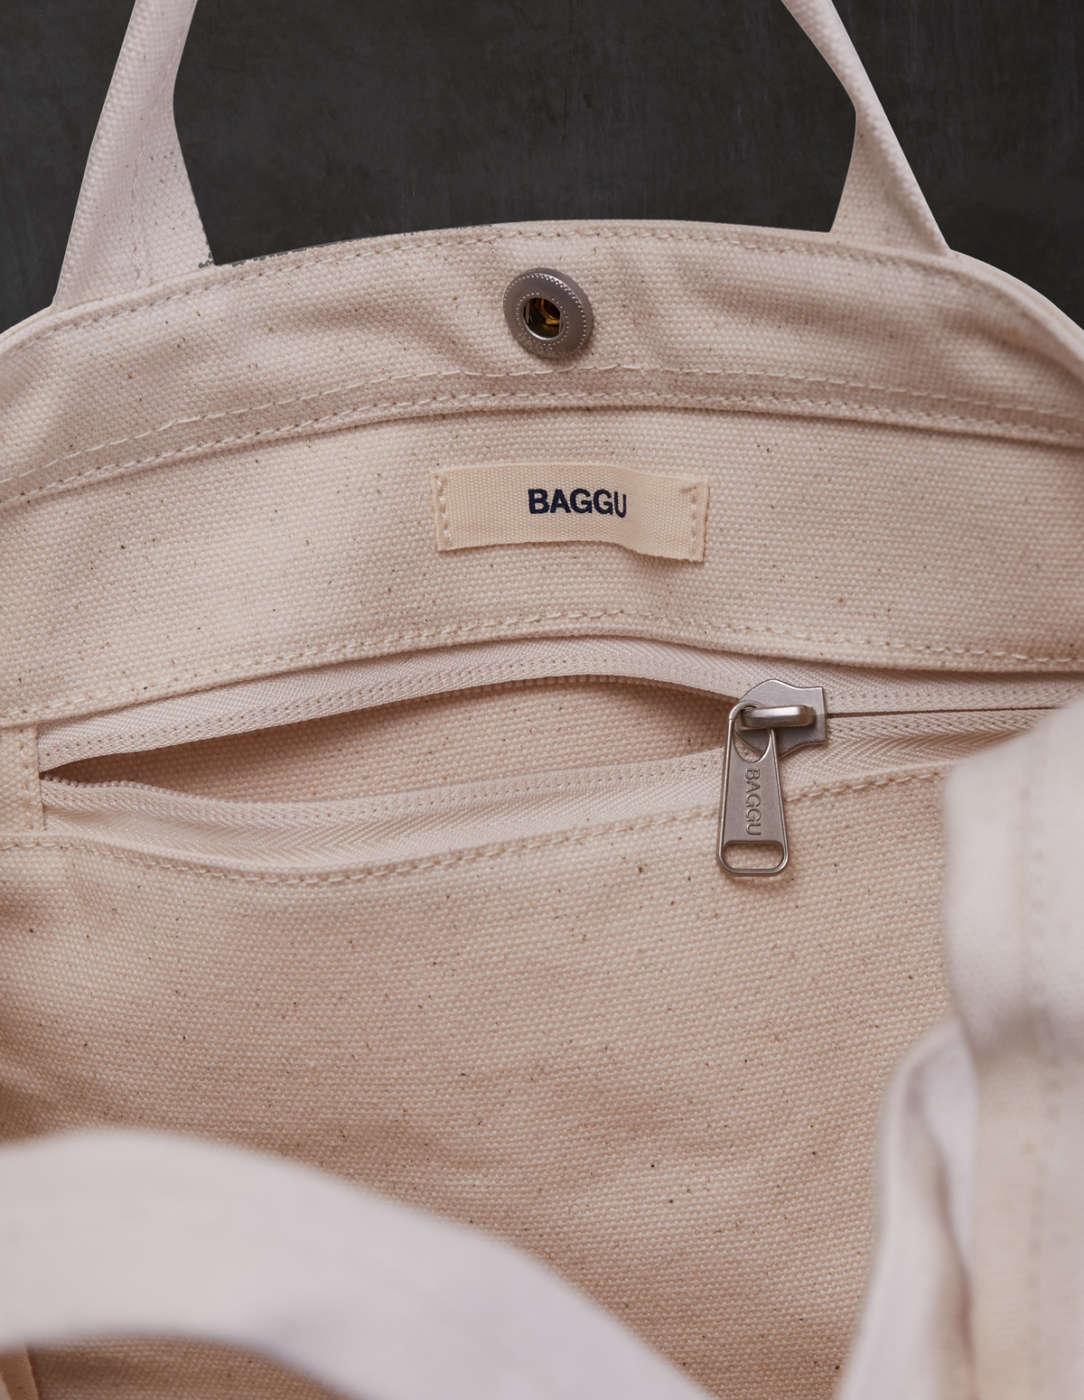 white canvas baggu bag detail